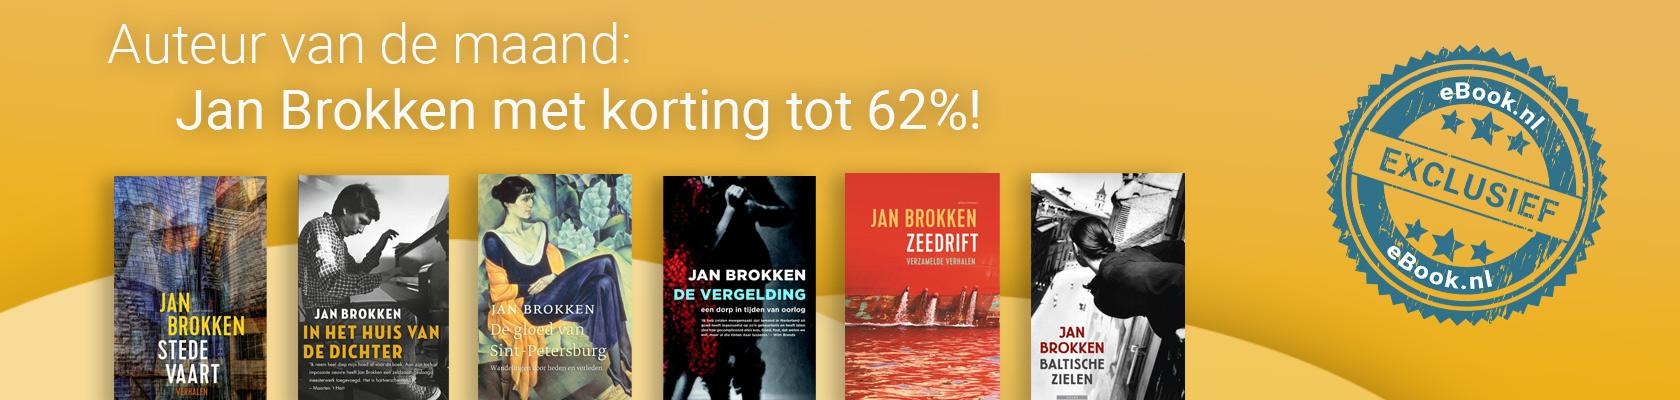 Auteur van de maand: Jan Brokken